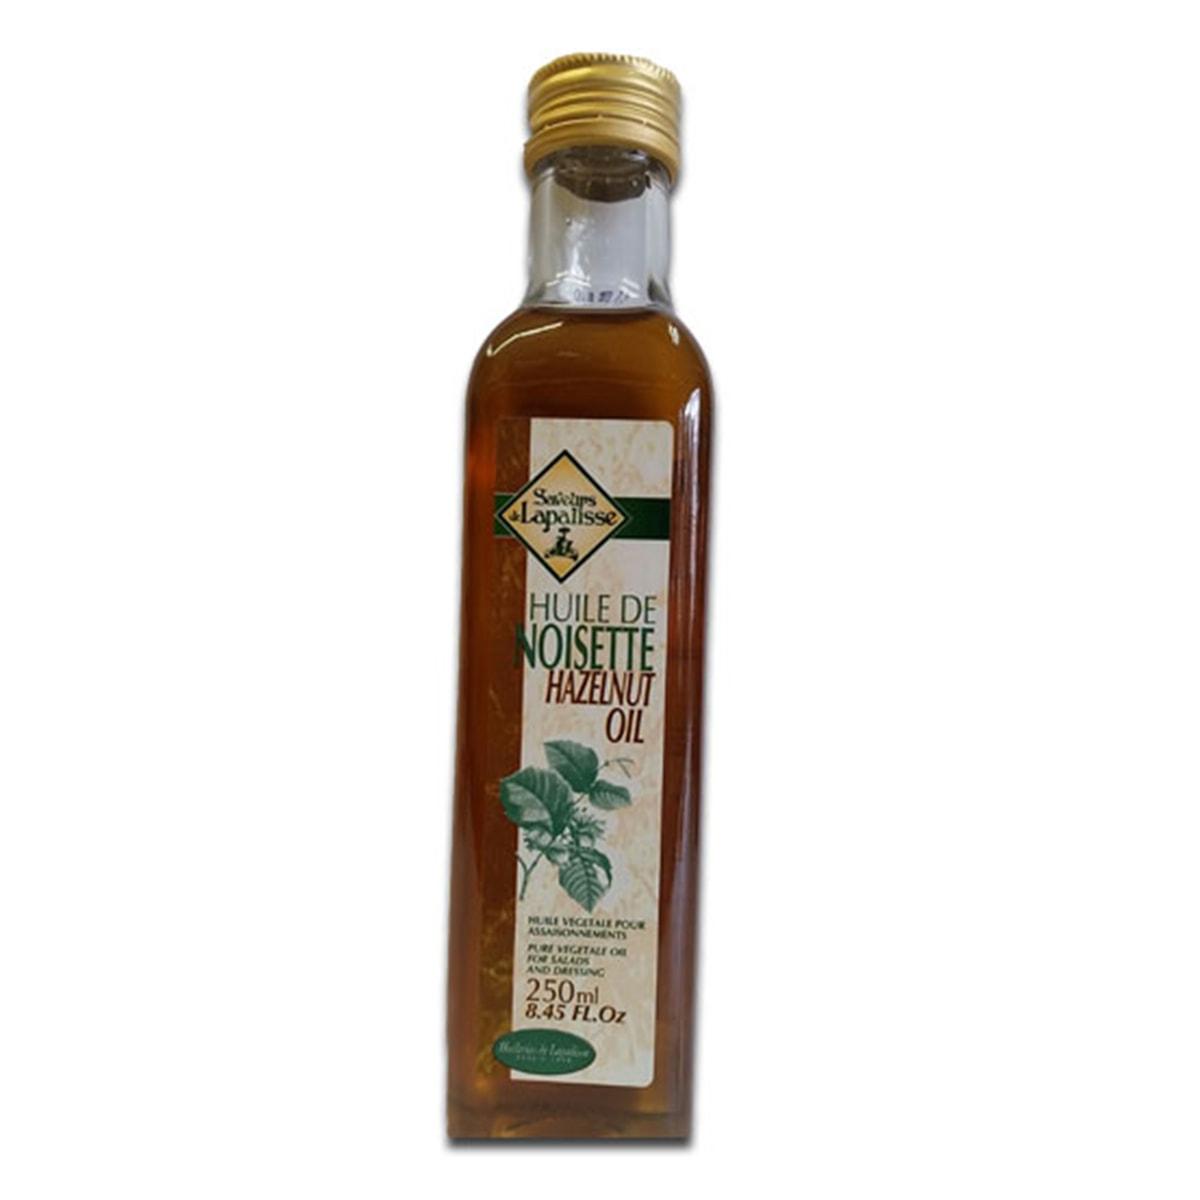 Buy Saveurs De Lapalisse Huile De Noisette (100% Pure Hazelnut Oil) - 250 ml